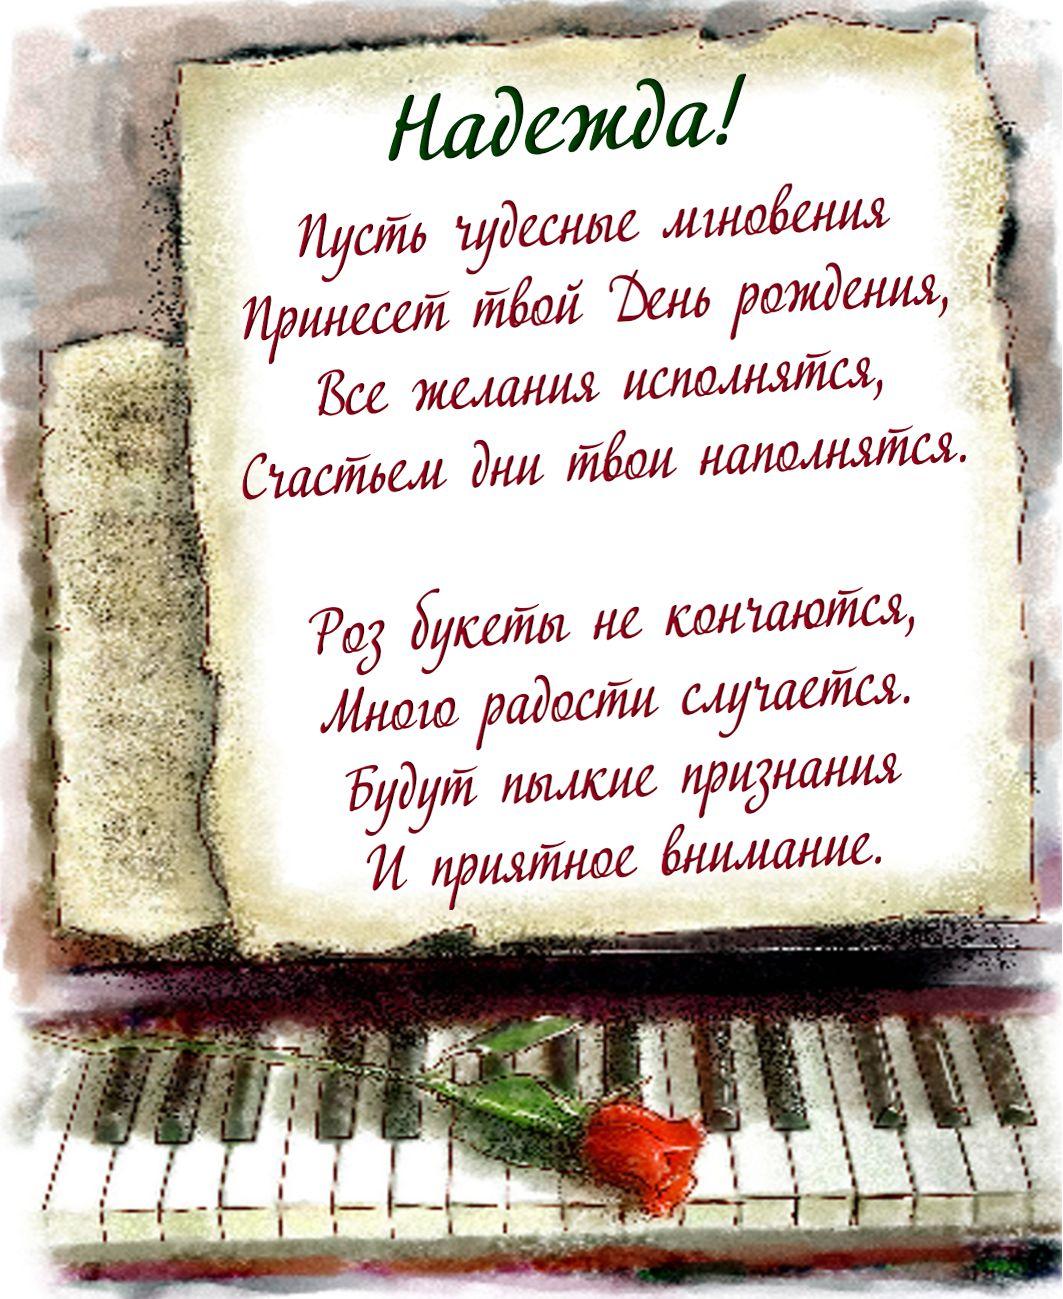 Открытка со стихами и розой для Надежды на День рождения